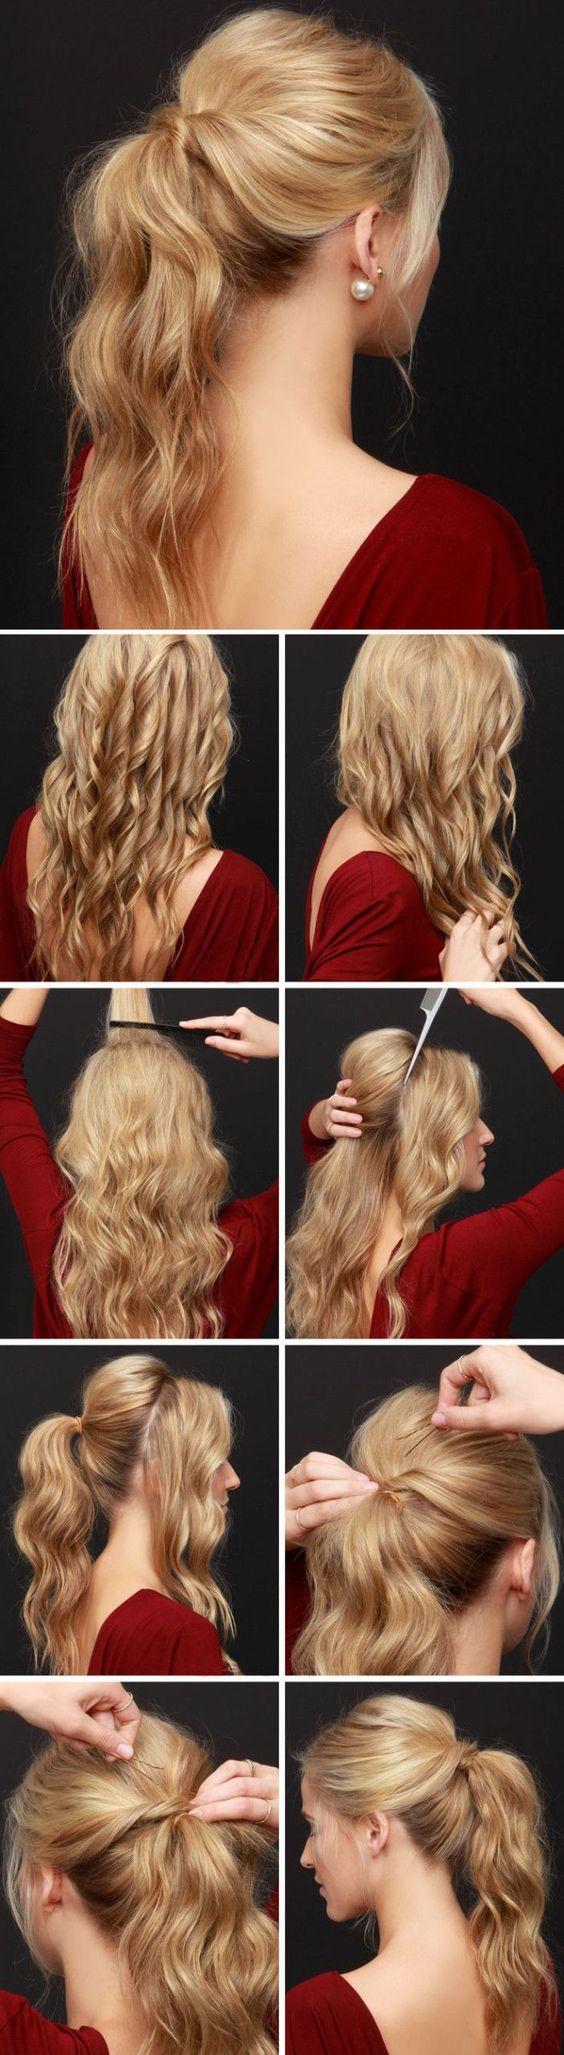 comment attacher ses cheveux avec un elastique